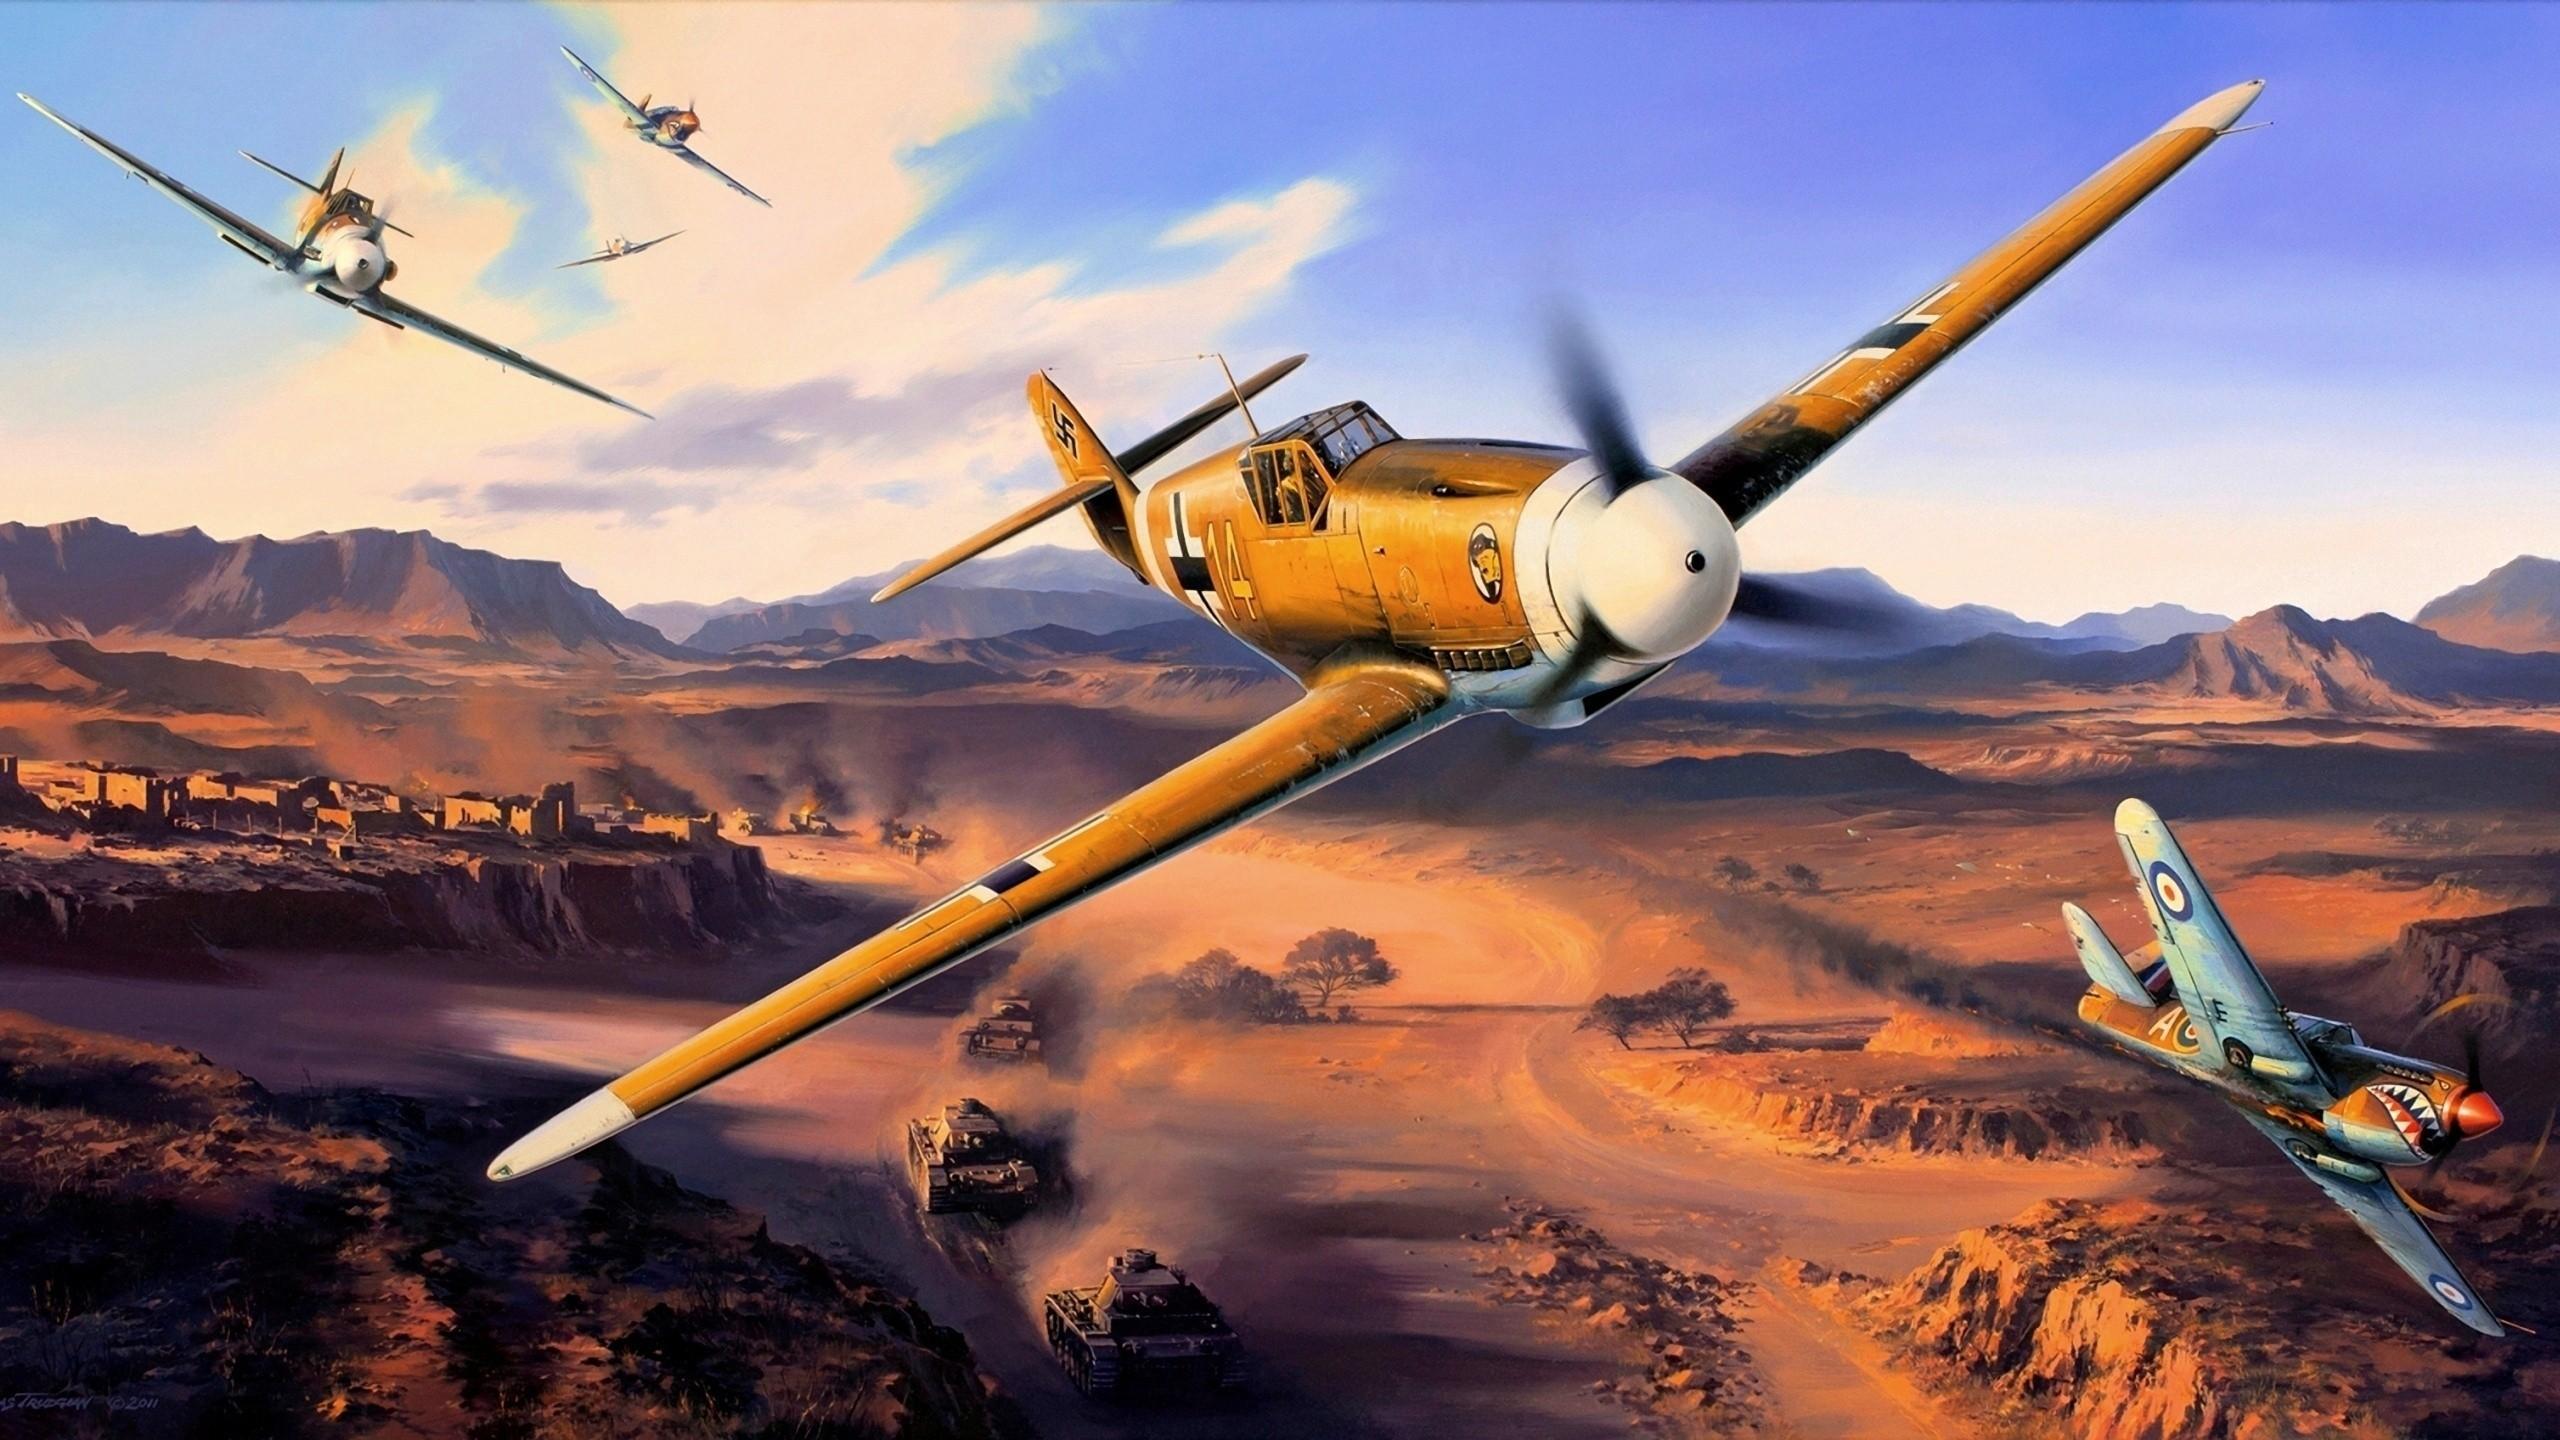 Aircraft World War II Luftwaffe wallpaper     200993 .